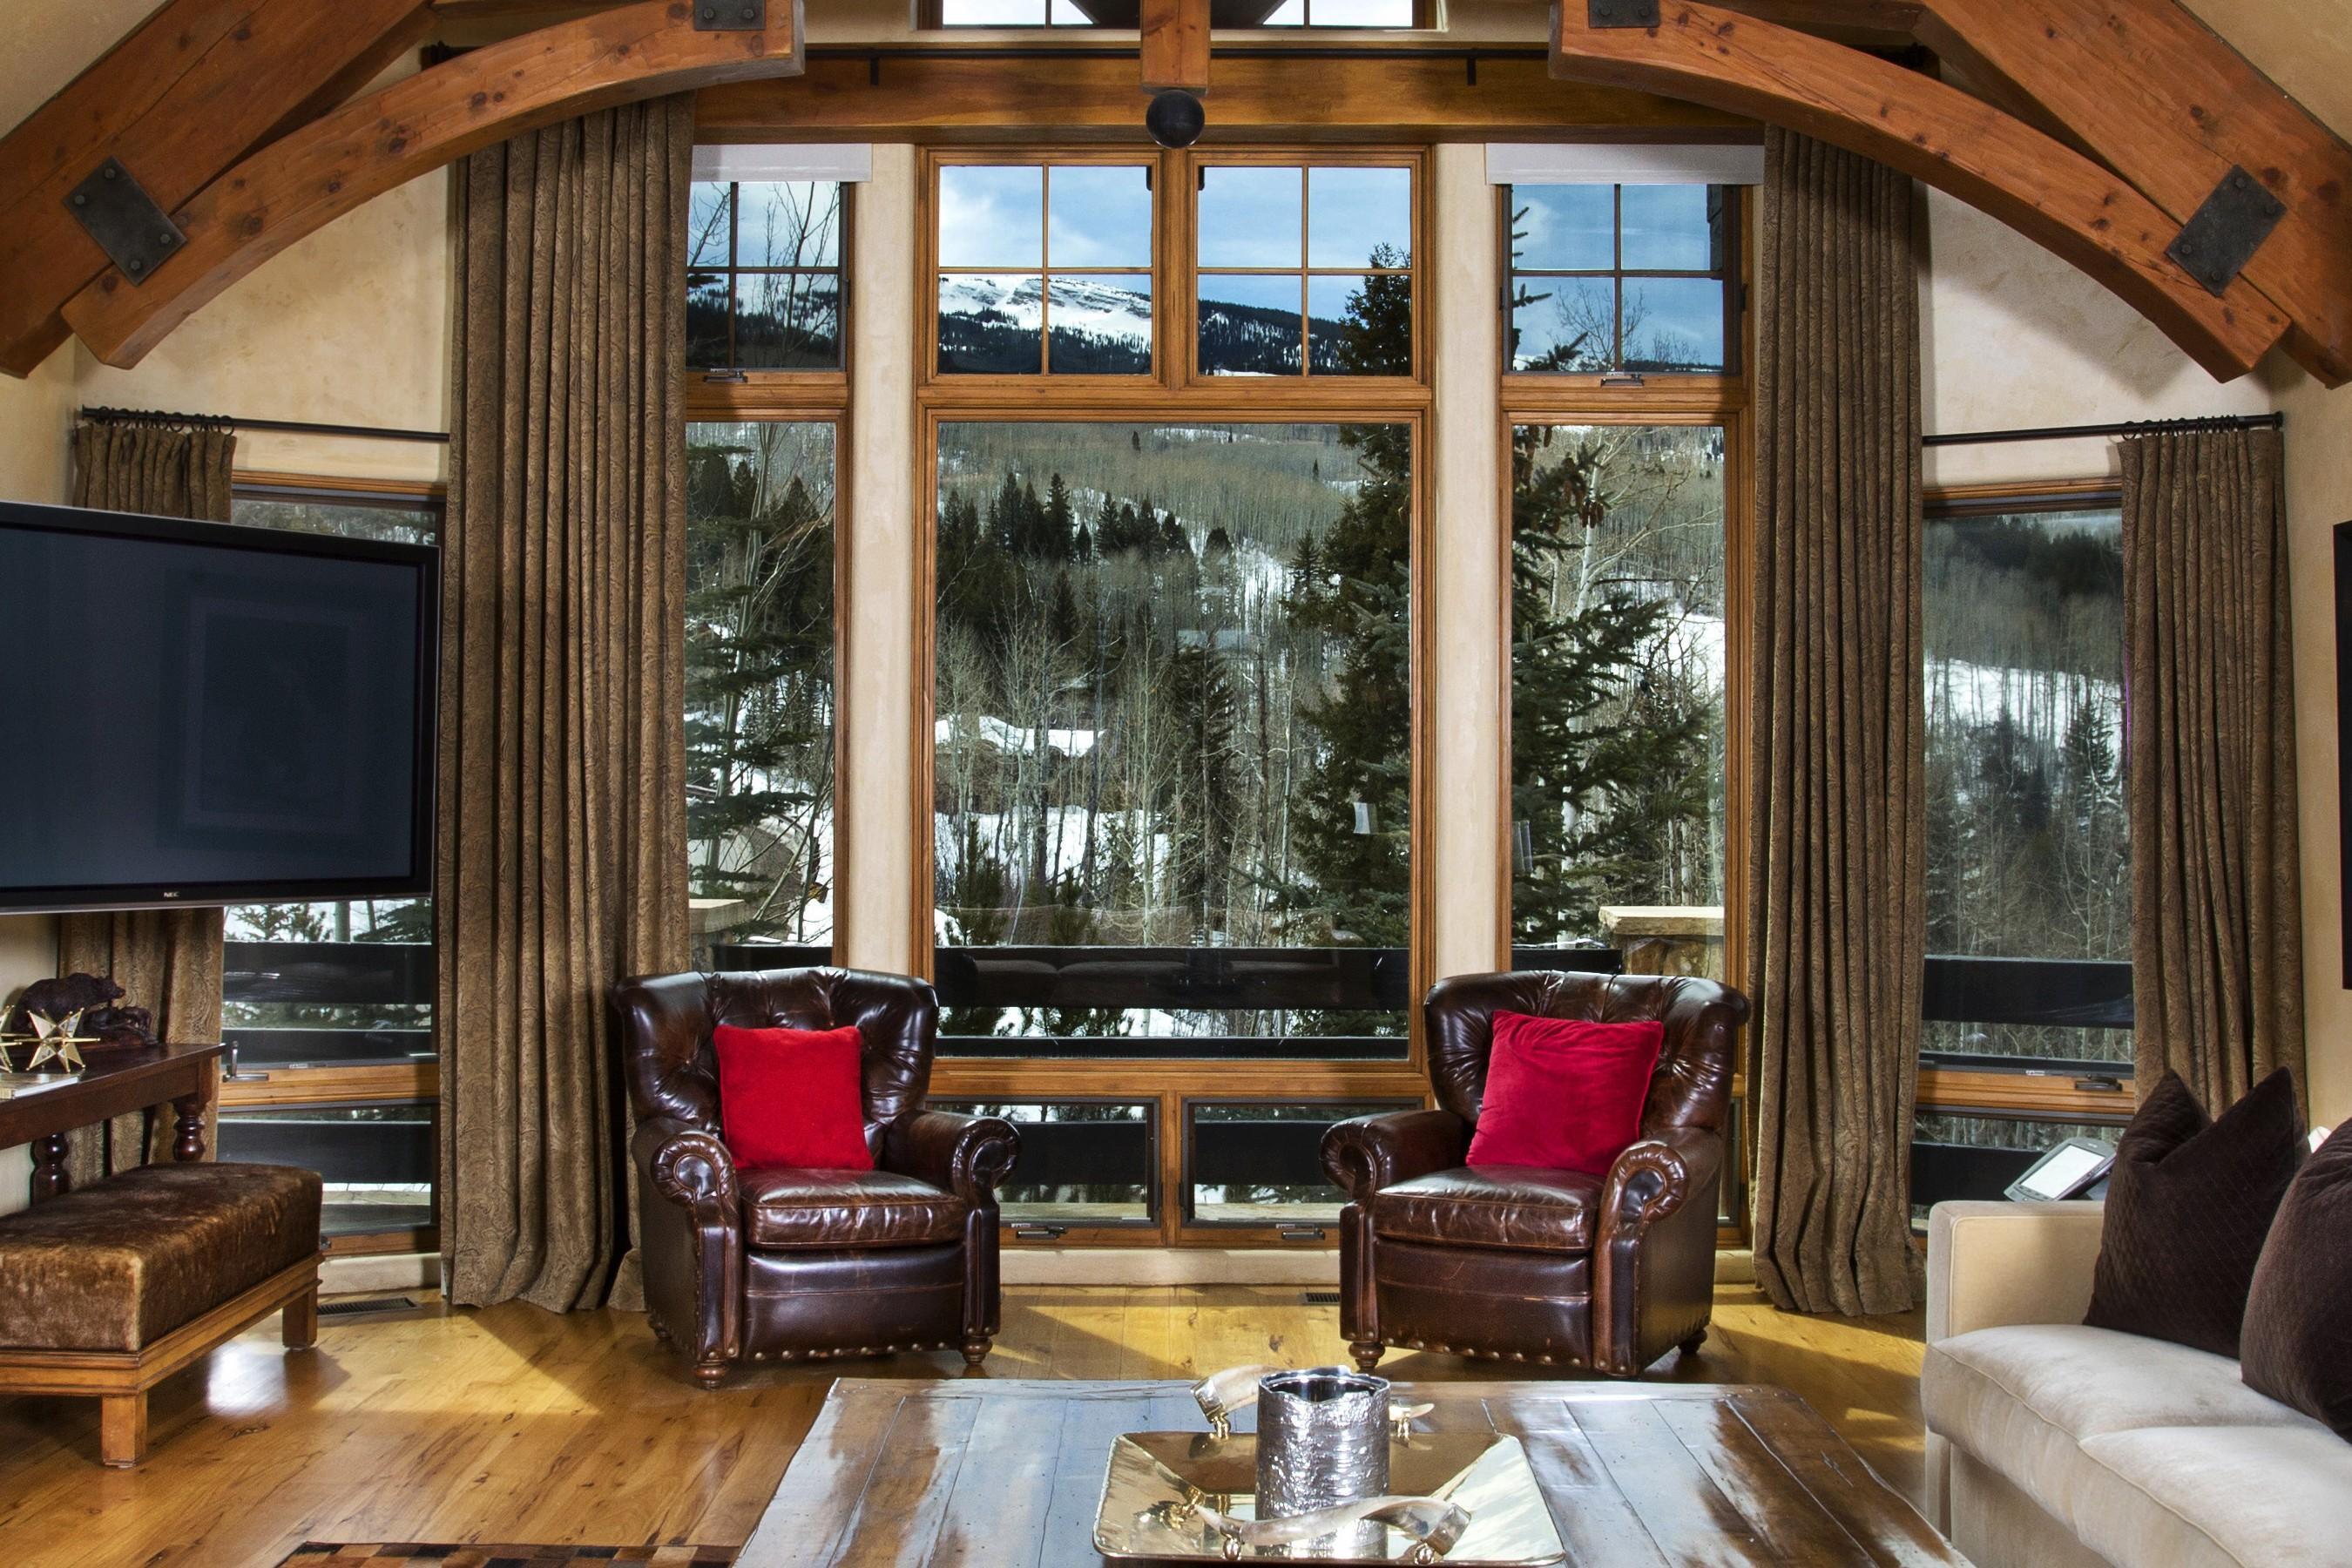 独户住宅 为 销售 在 Perfect Mountain Retreat 680 Pine Crest Drive 斯诺马斯村, 科罗拉多州, 81615 美国